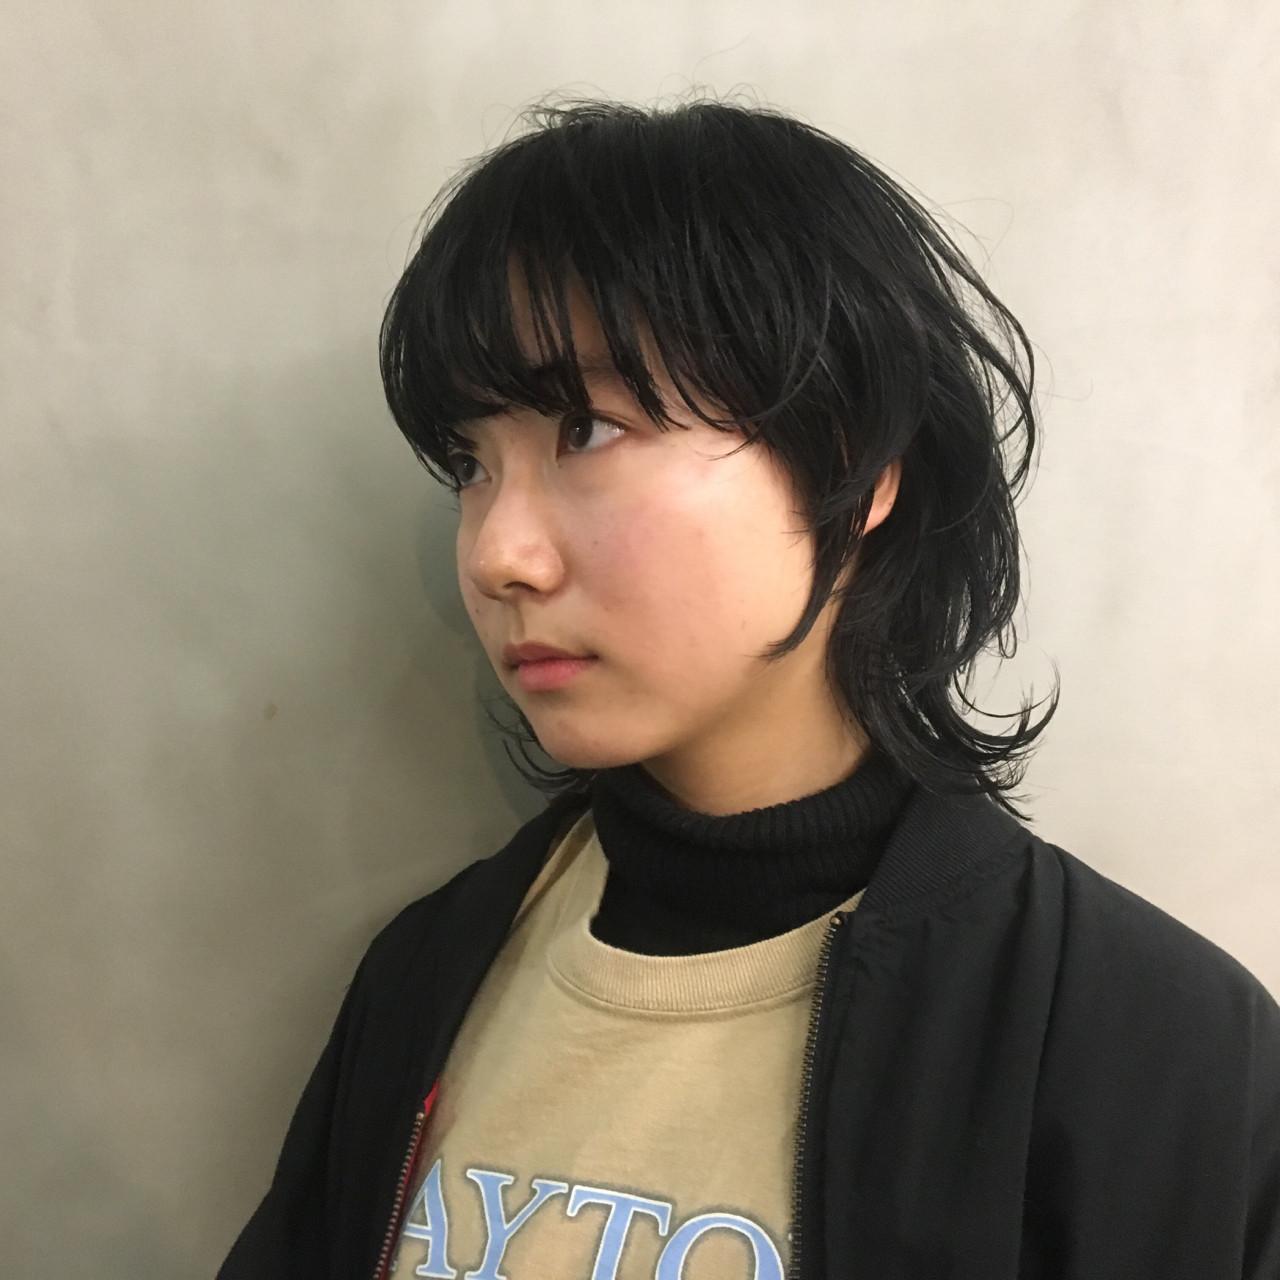 マッシュ 外ハネ ウェットヘア ナチュラル ヘアスタイルや髪型の写真・画像